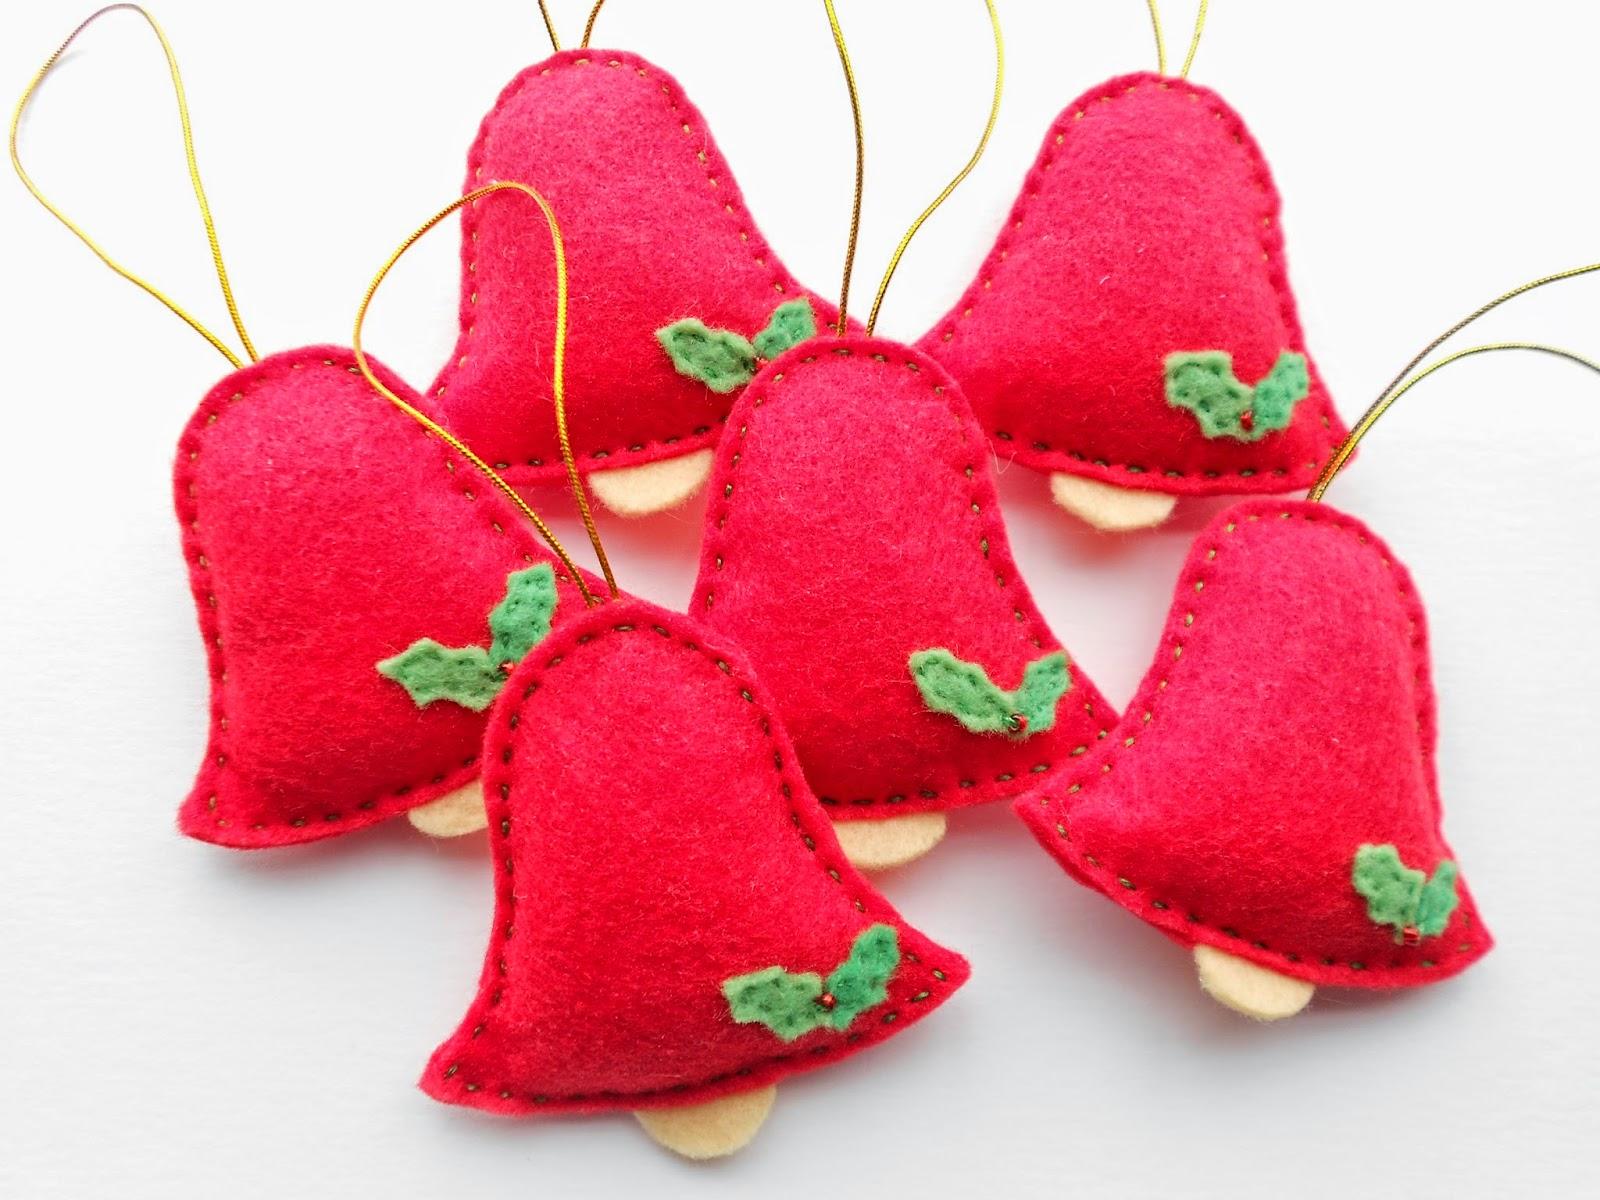 Adornos navidenos de fieltro para el arbol de navidad - Manualidades para decorar el arbol de navidad ...